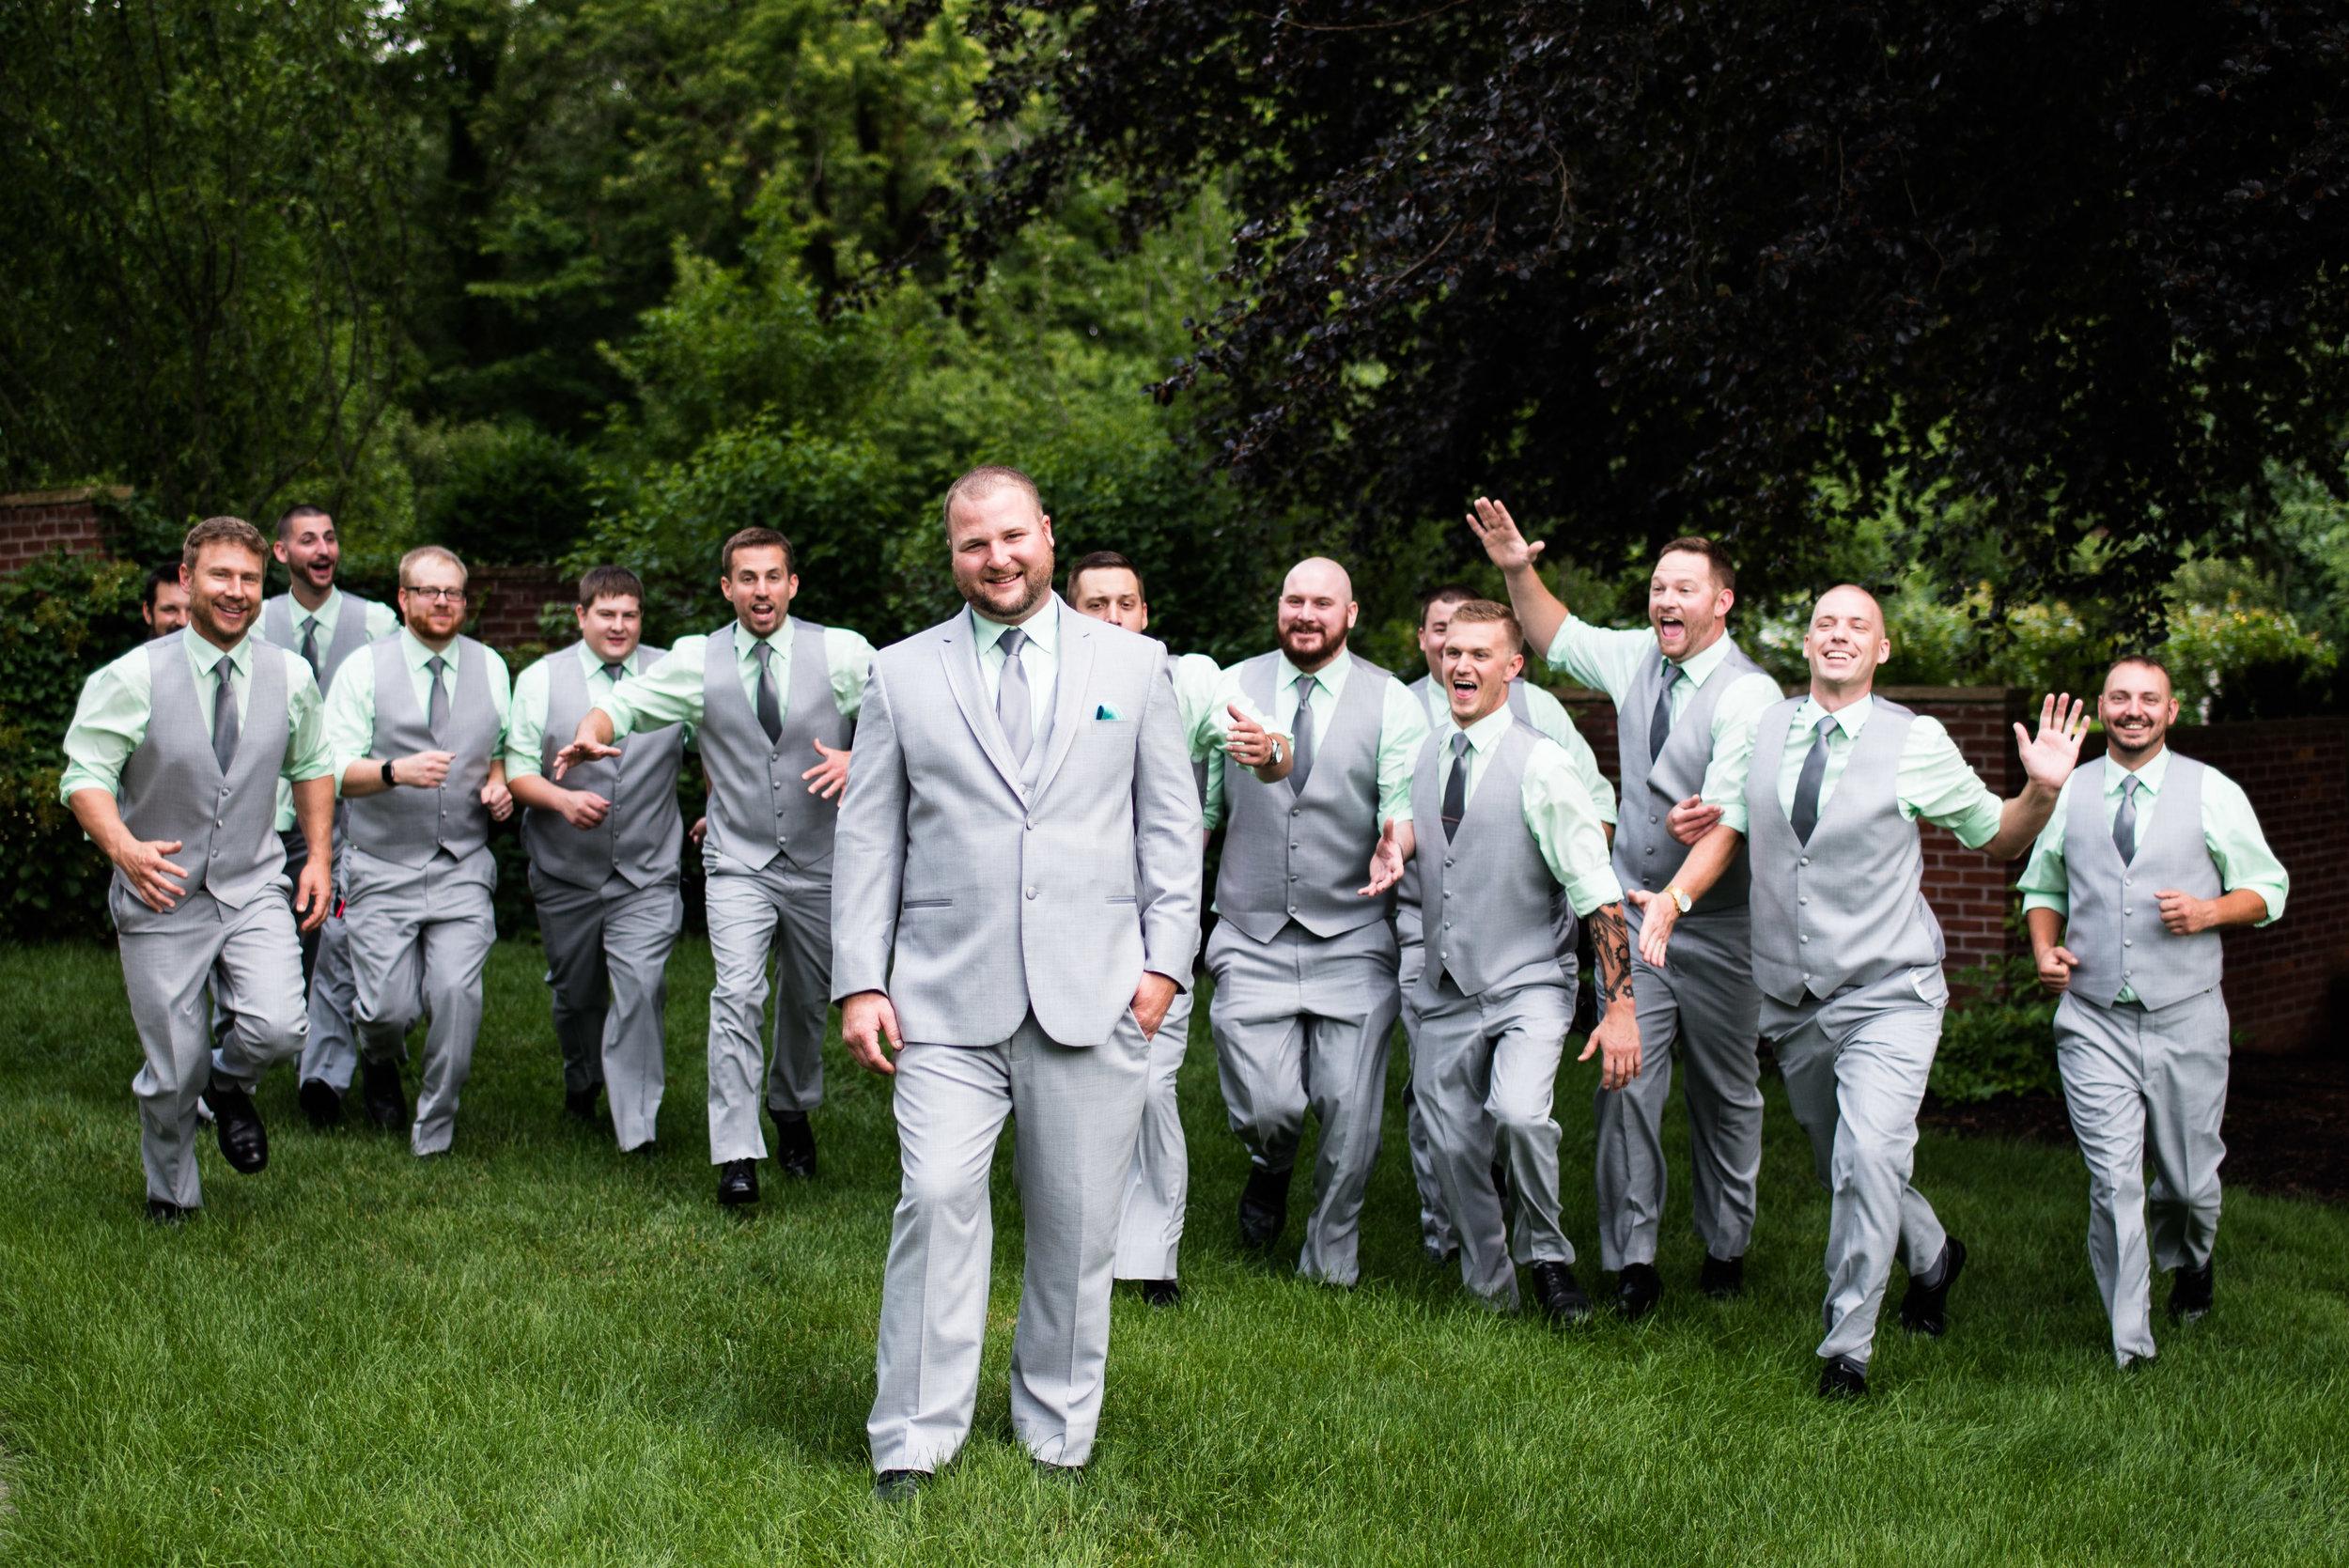 toledo ohio wedding photographer-5.jpg